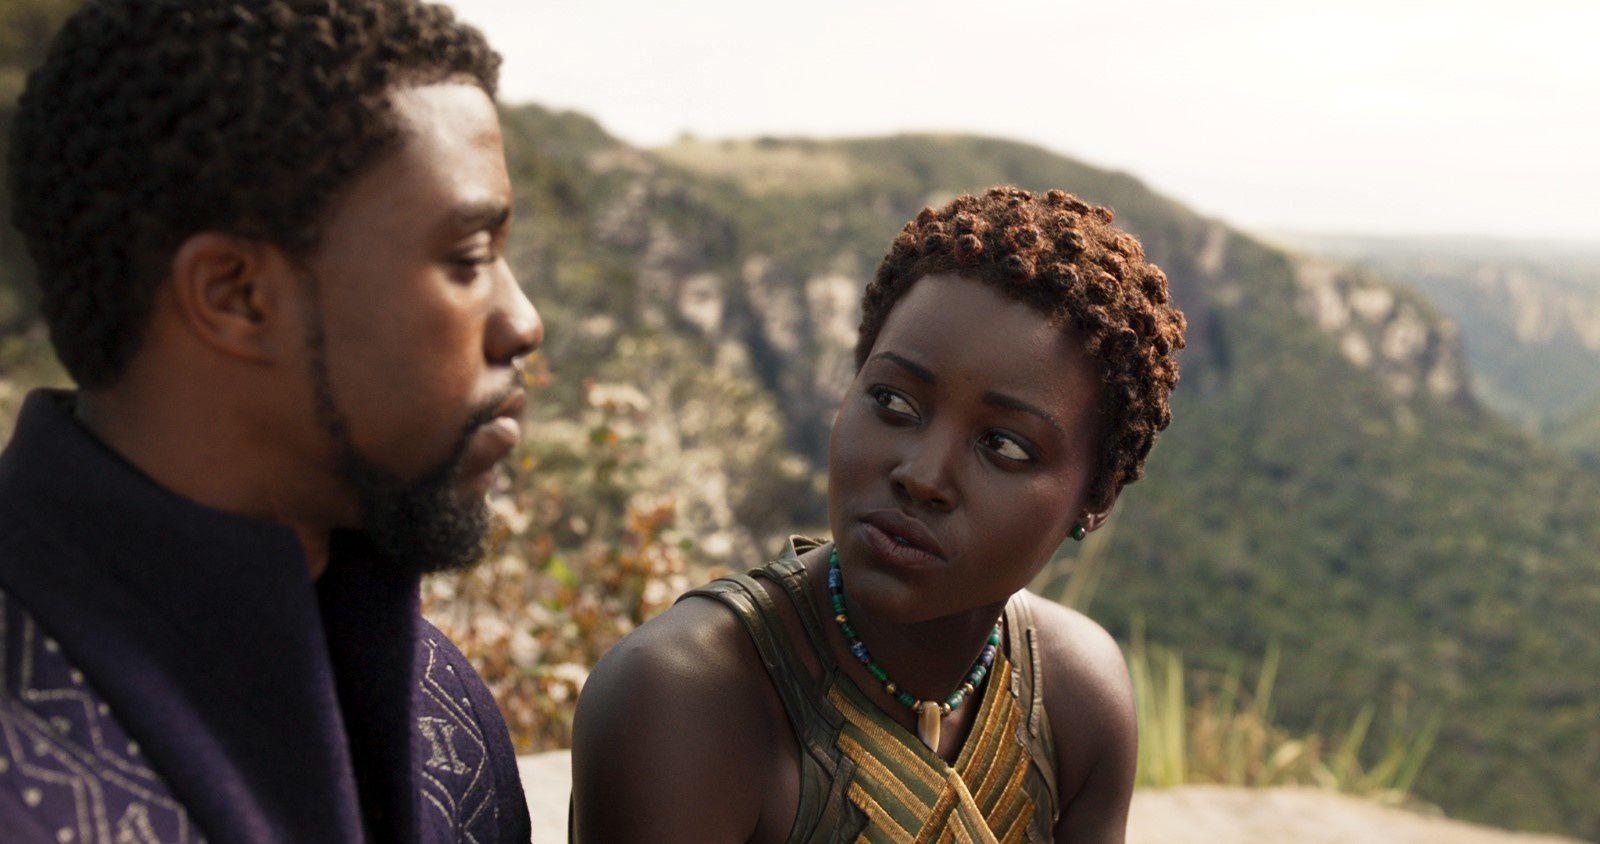 Black Panther (BANDE ANNONCE VF et VOST) avec Chadwick Boseman - Le 14 février 2018 au cinéma